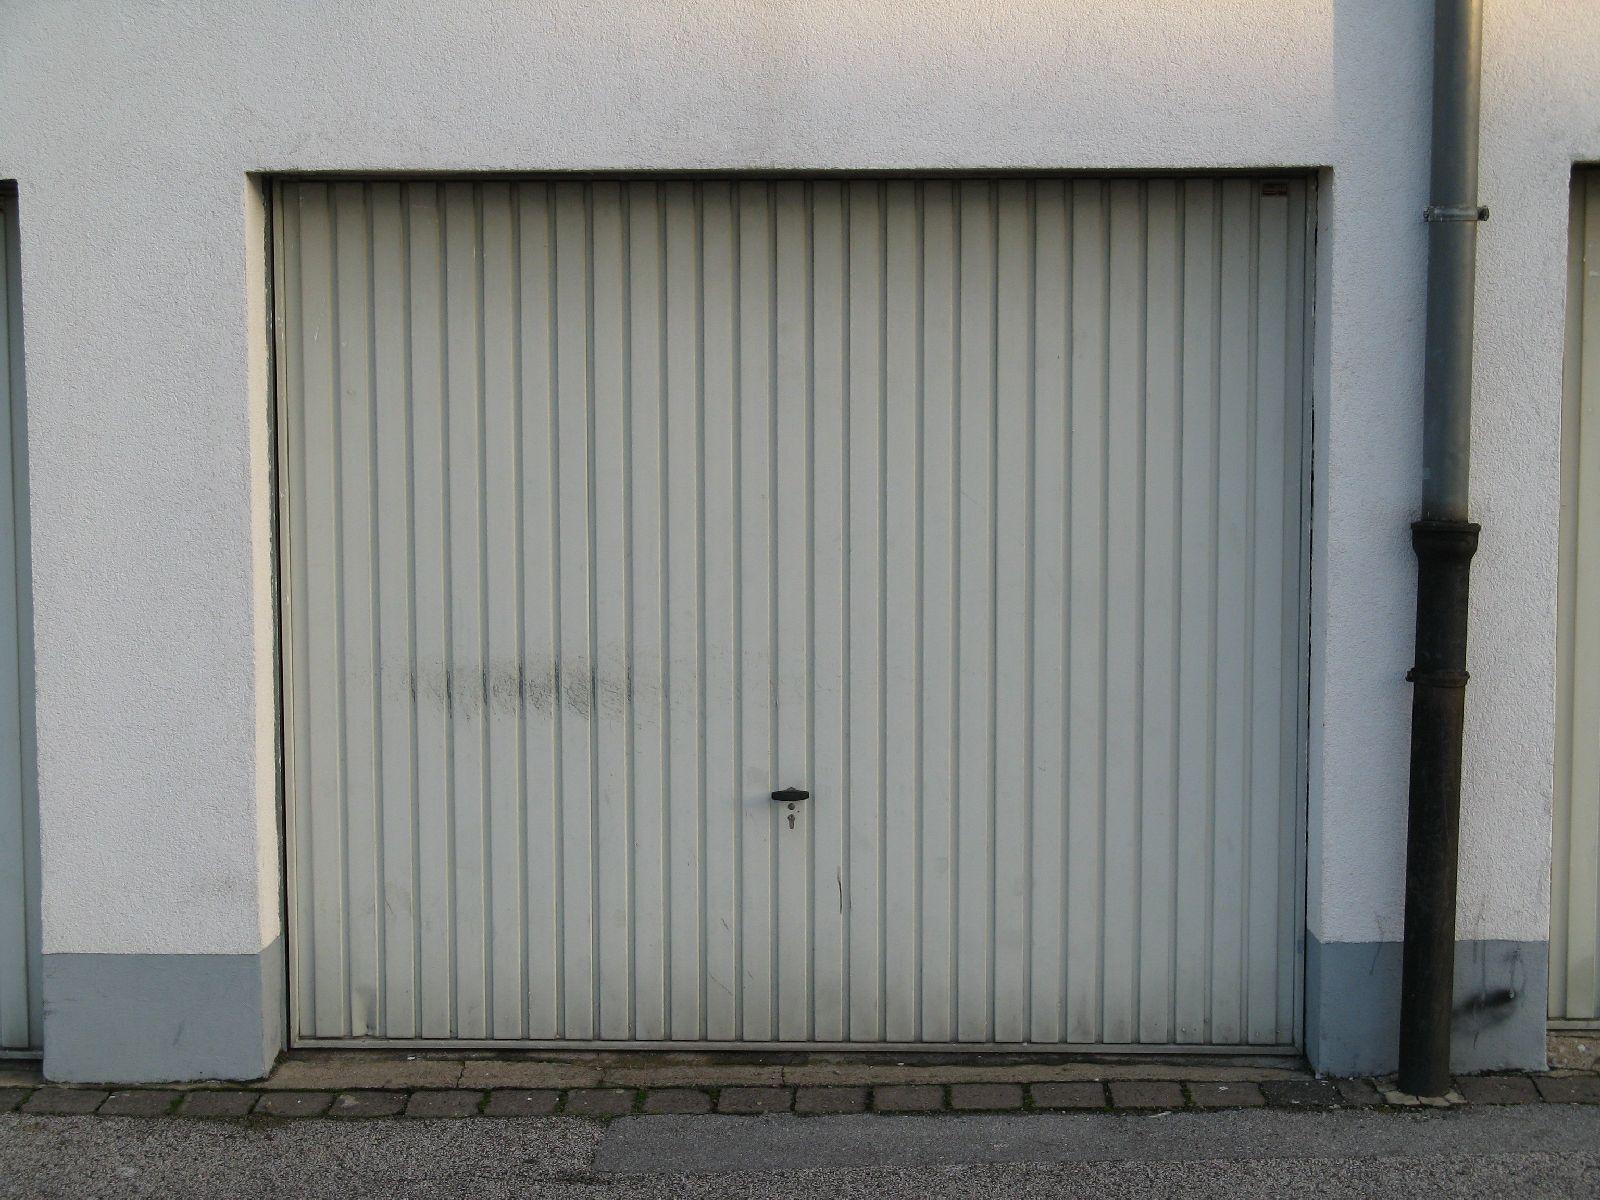 Gebaeude-Tueren-Fenster_Textur_B_1023